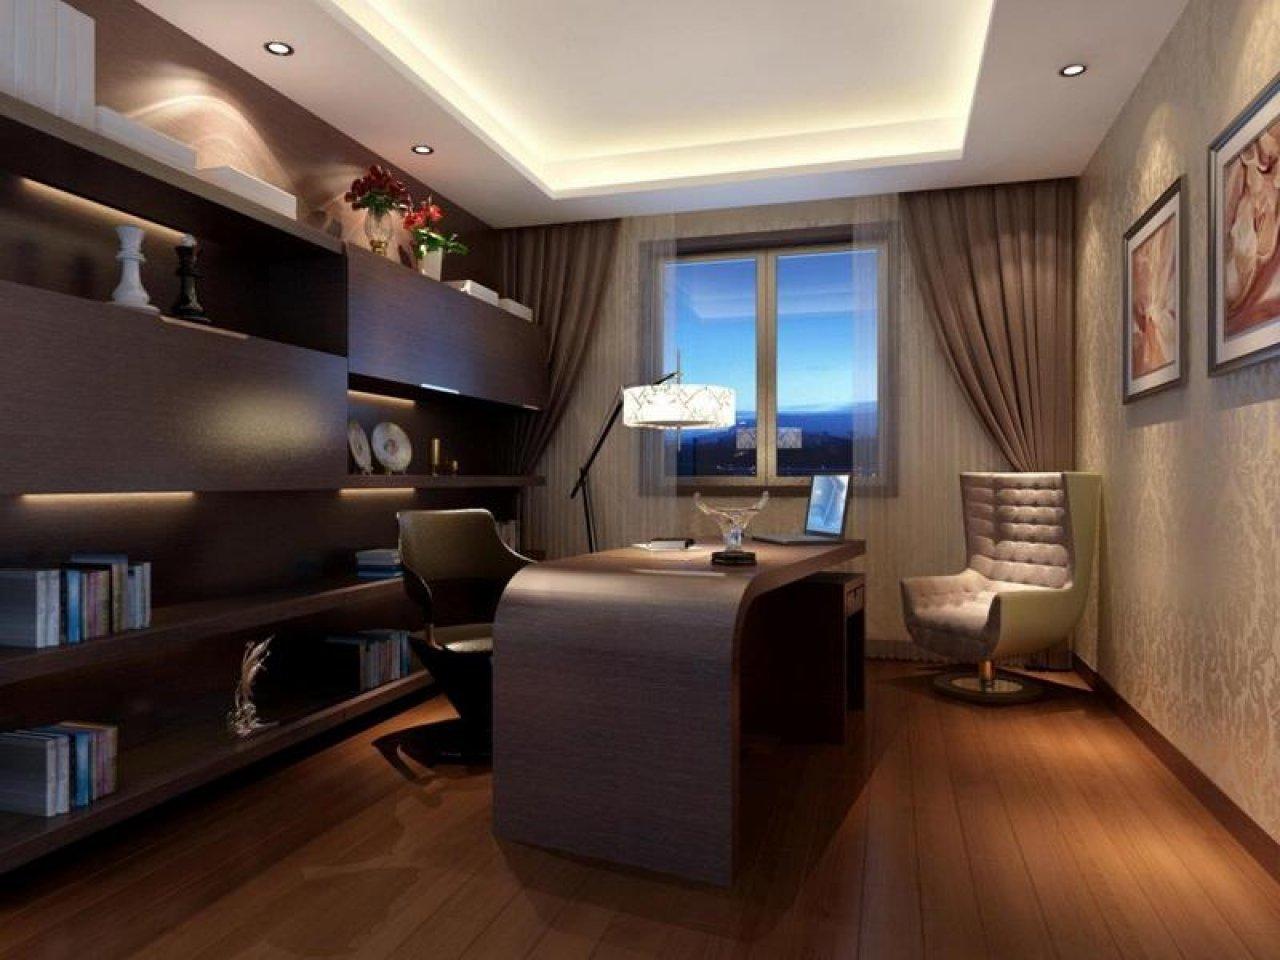 дизайн прямоугольного кабинета